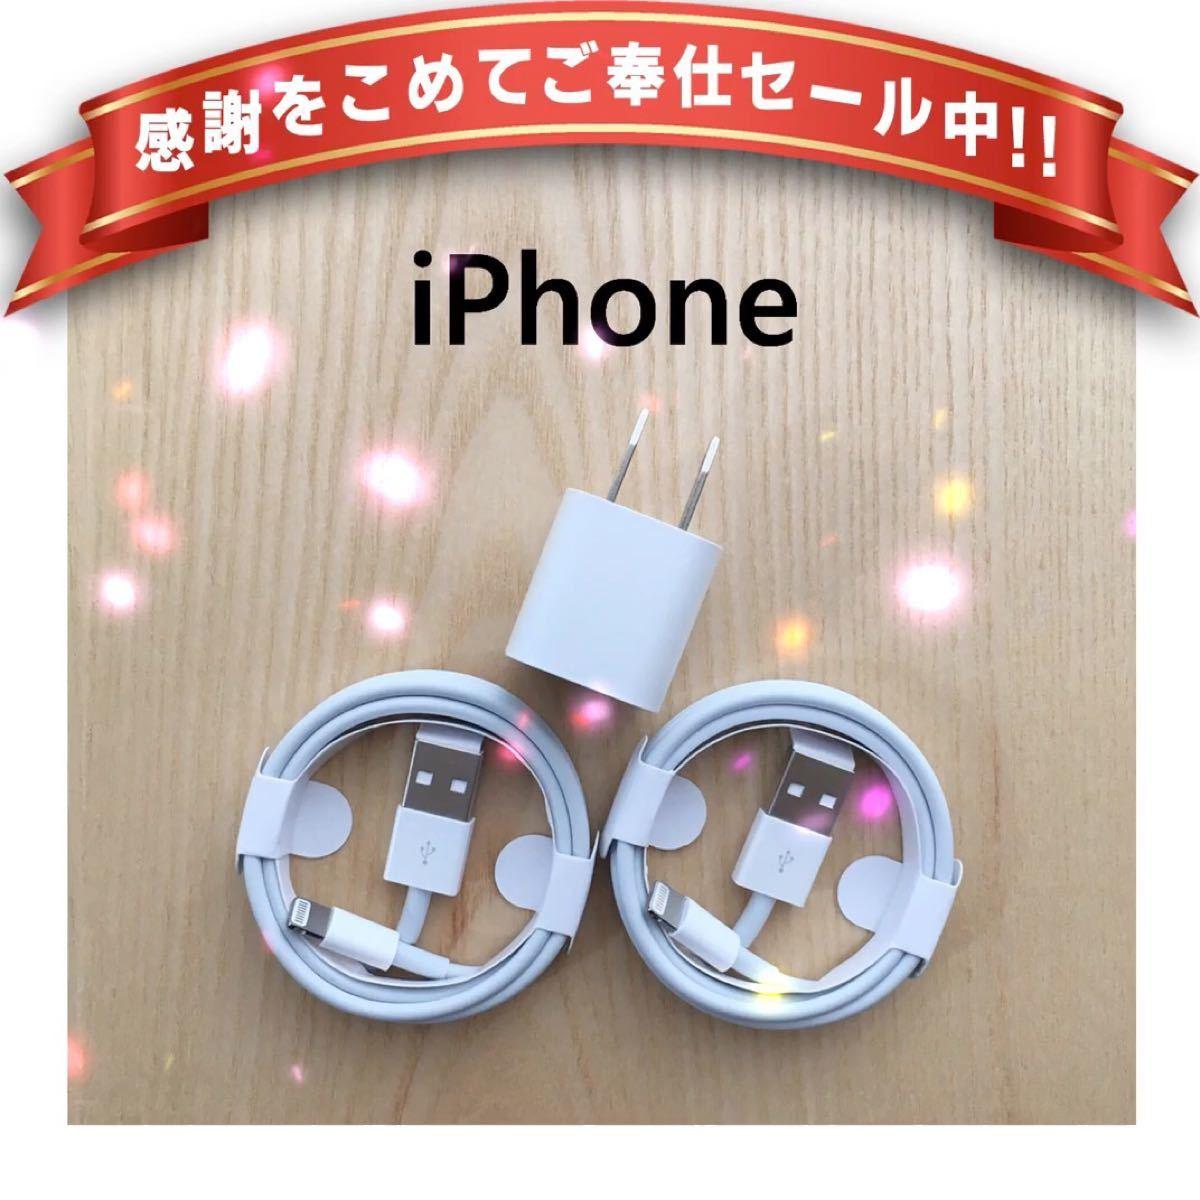 iPhone lightningcable ライトニングケーブル 充電器 コード  3点セット